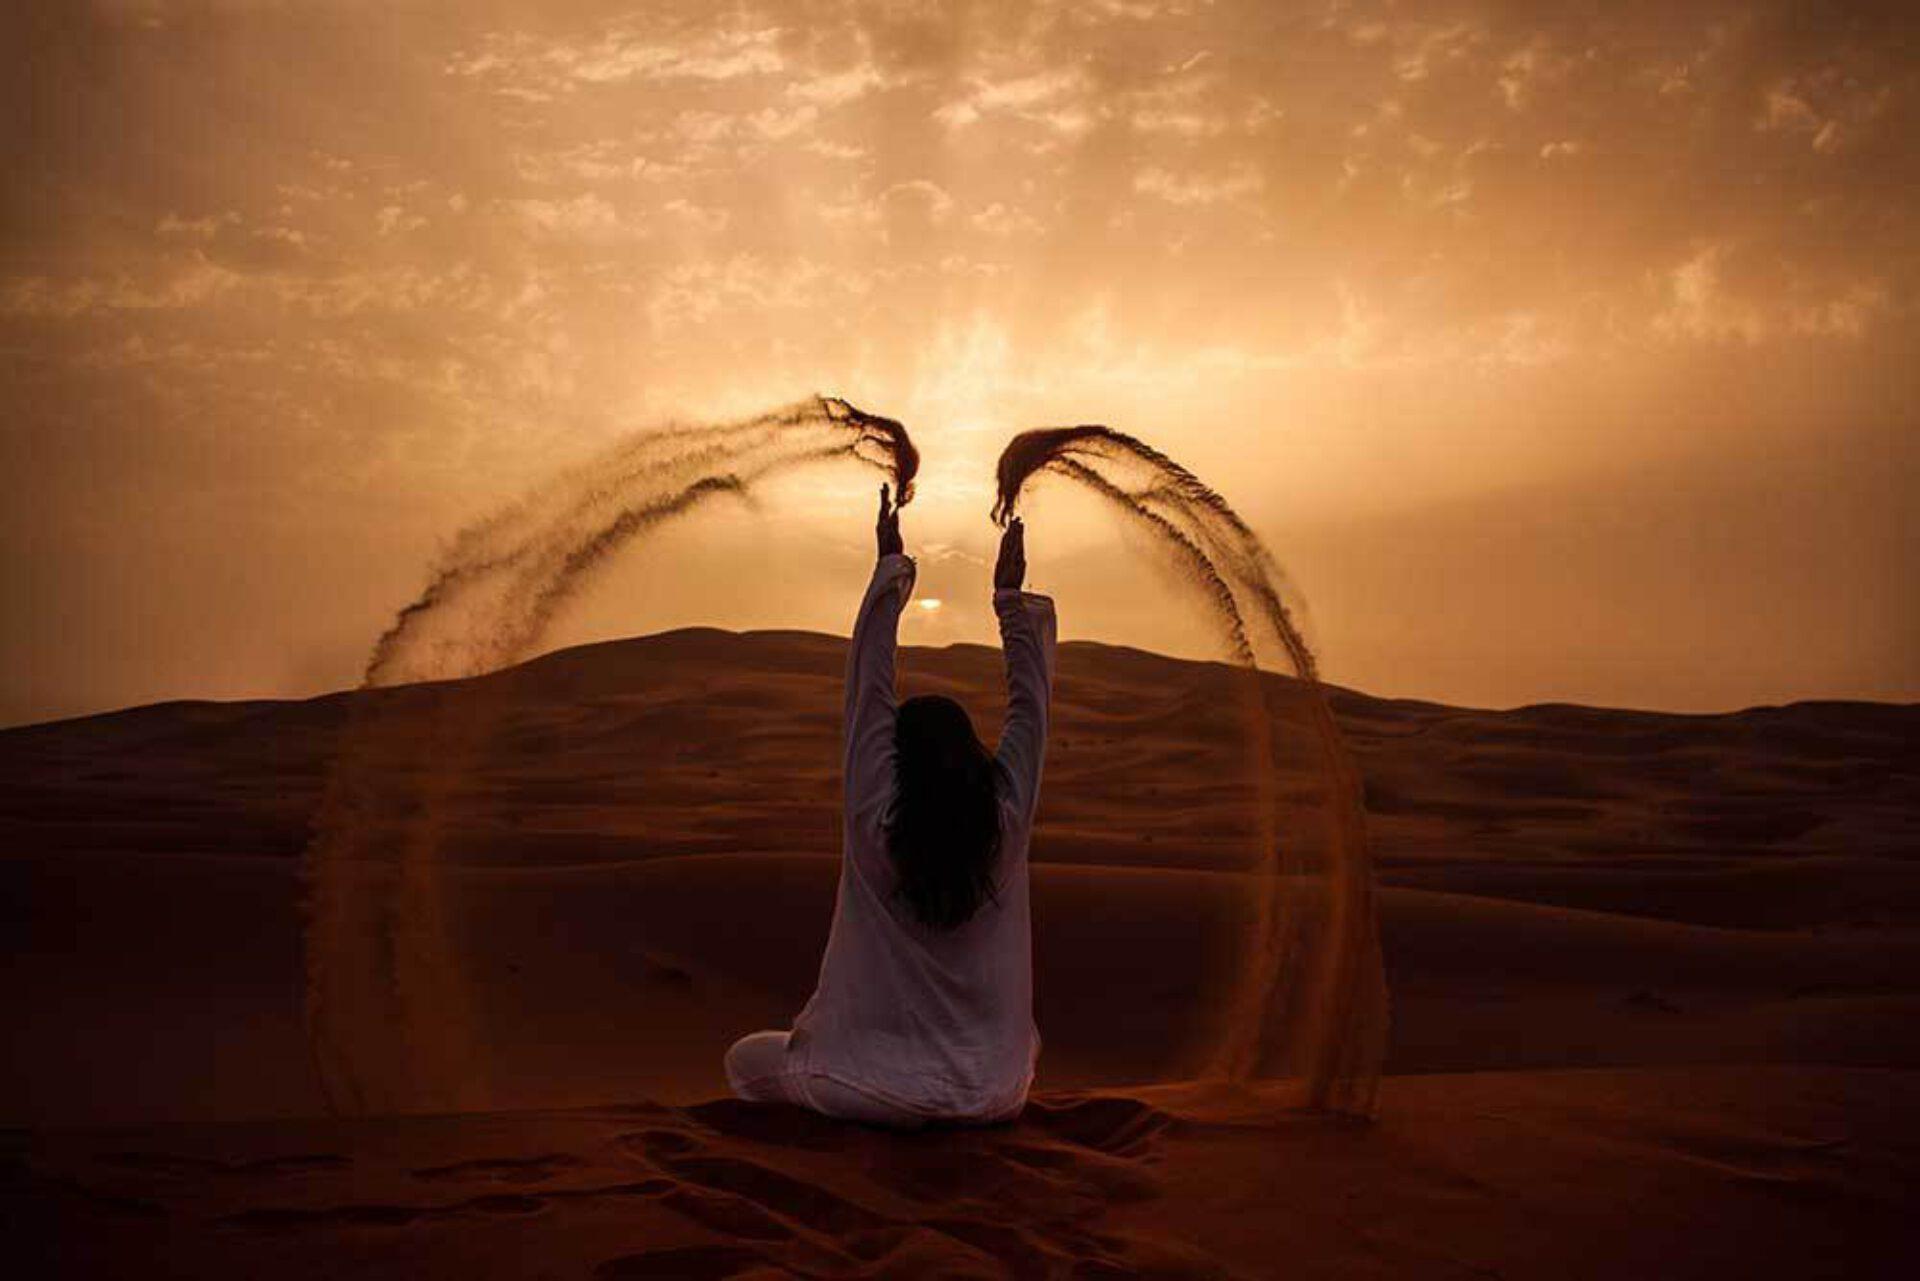 Geef je Wicca spreuken en rituelen een extra dimensie: maak kennis met de 4 magische elementen // Deel 4 Lucht